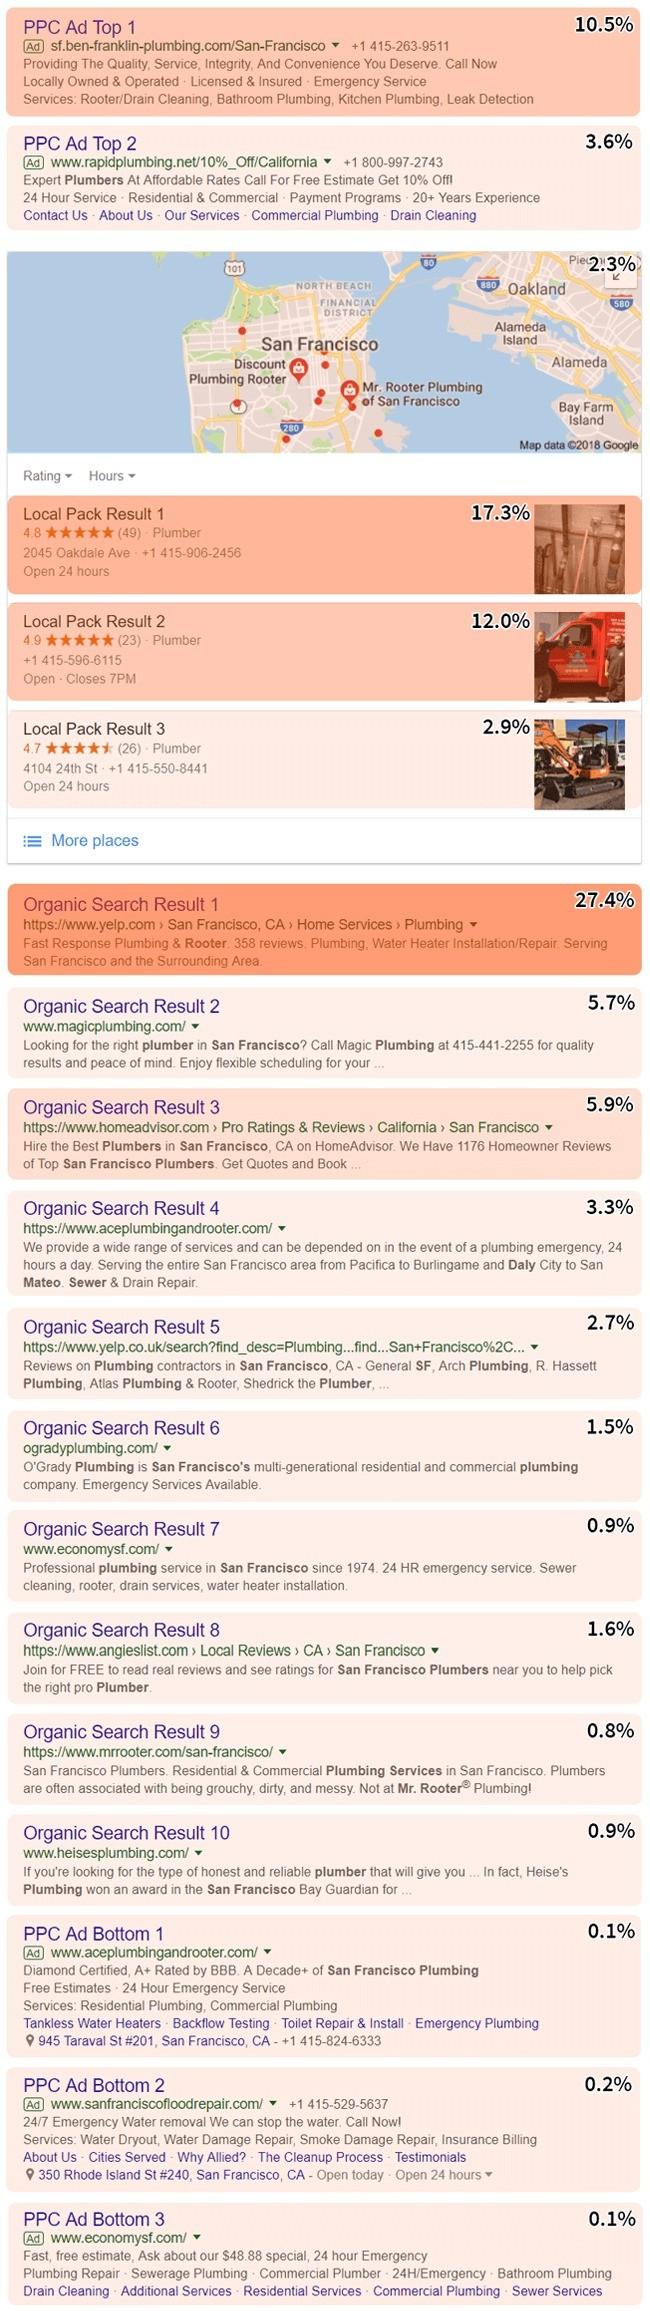 SERP - Search Results Page - Suchergebnisliste